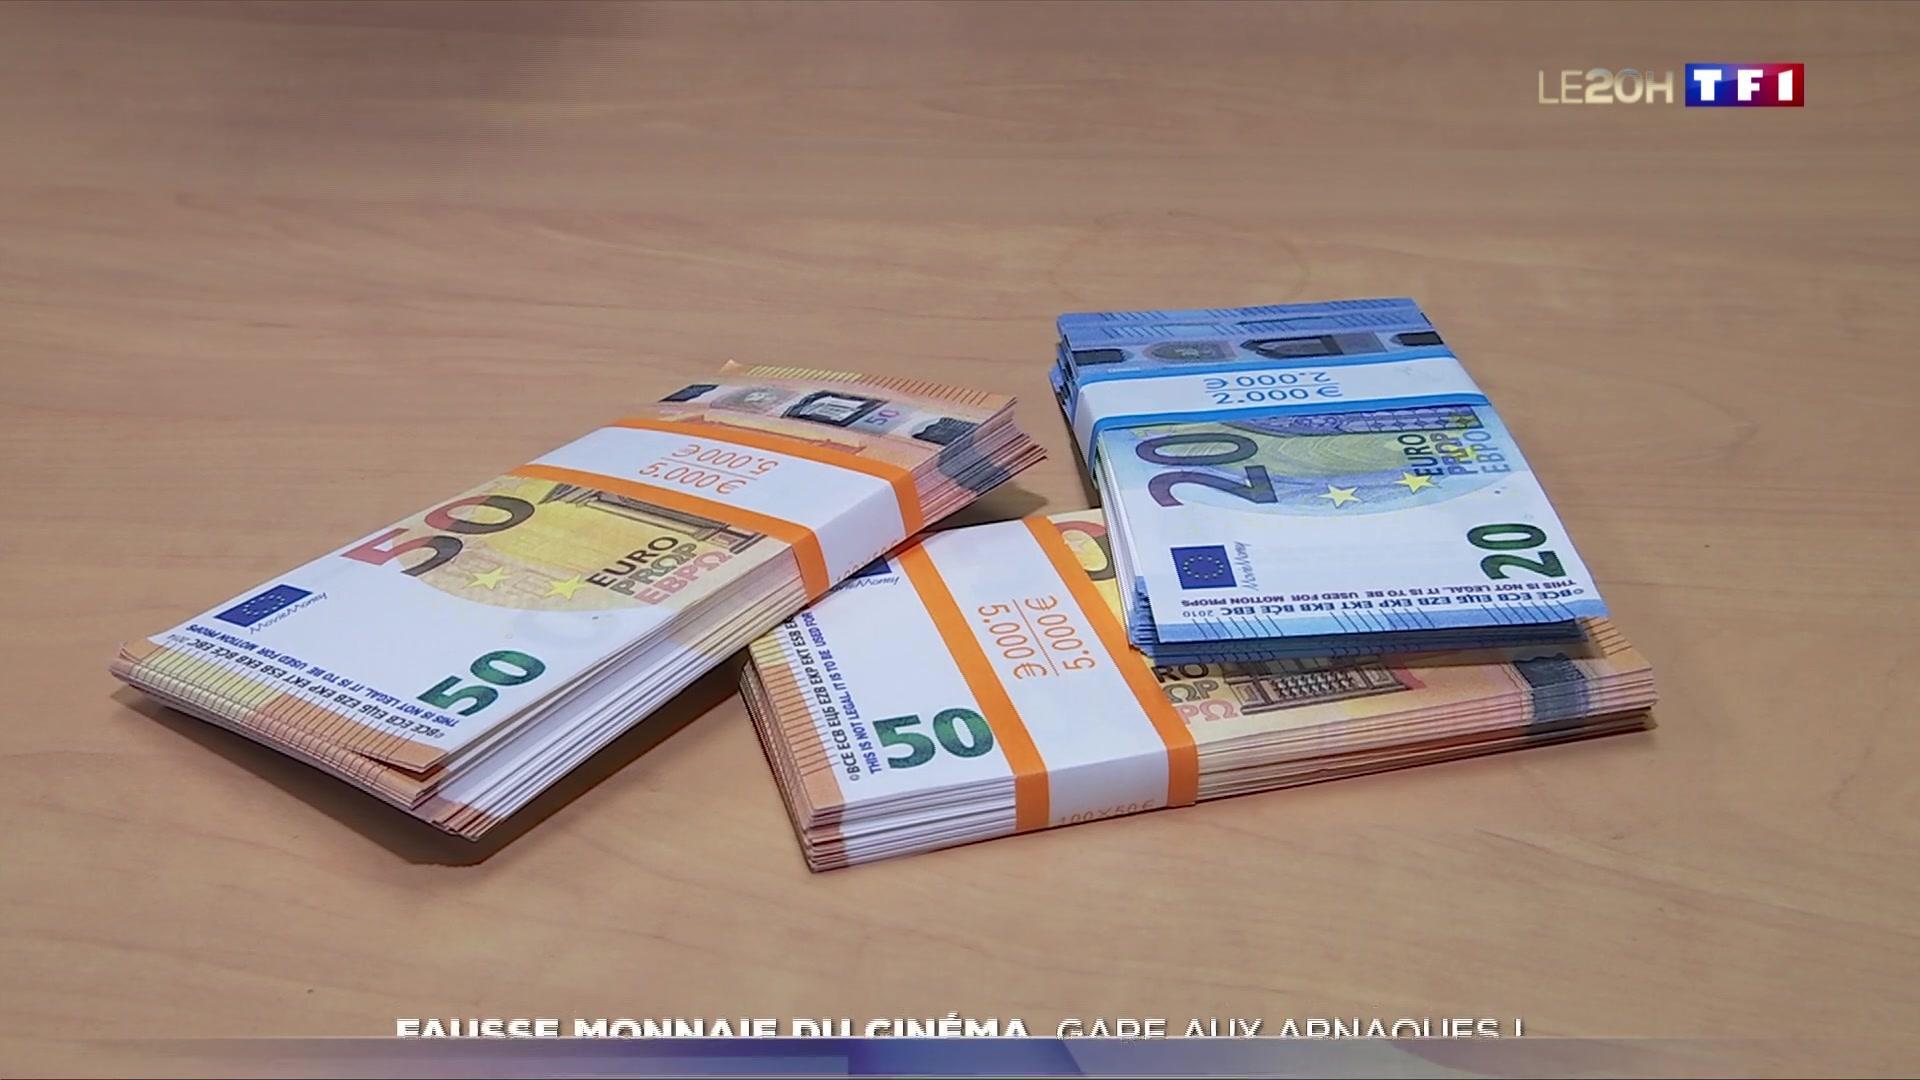 Fausse Monnaie Du Cinéma : Gare Aux Arnaques ! concernant Monnaie Fictive